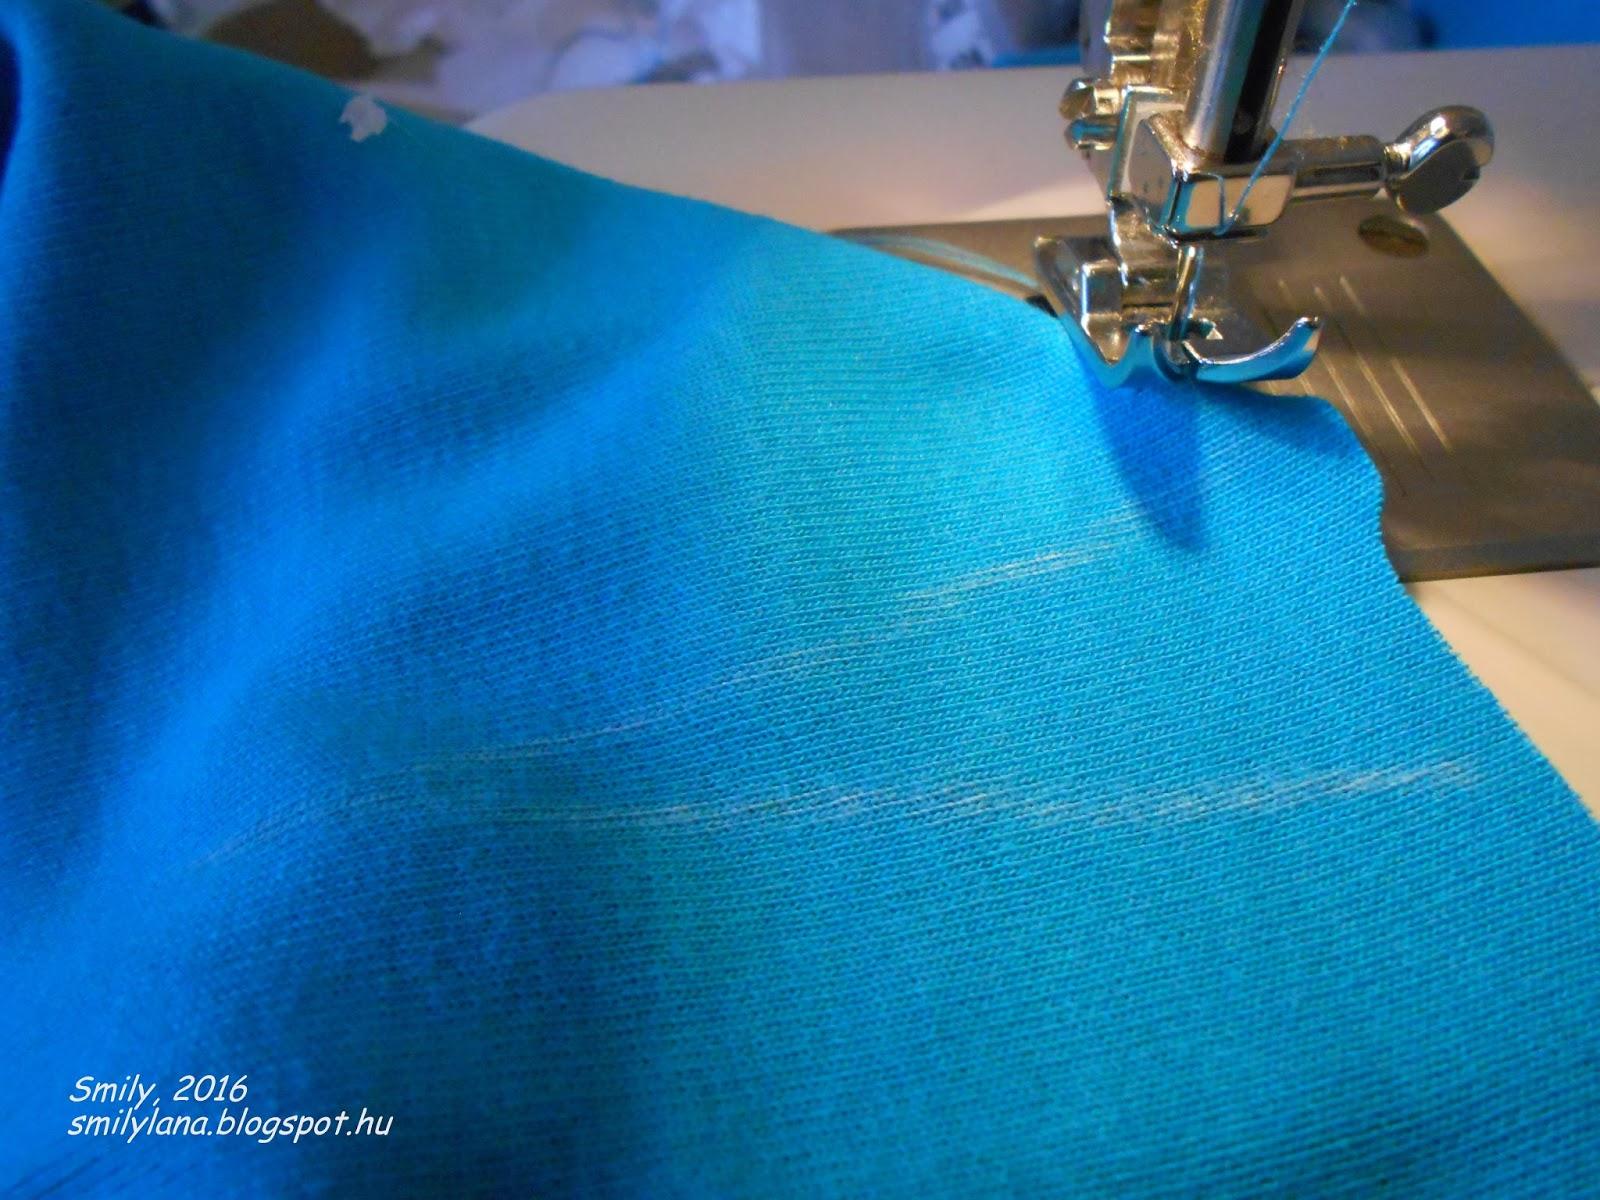 Как шить трикотаж на обычной швейной машине: все о трикотажном шве 93